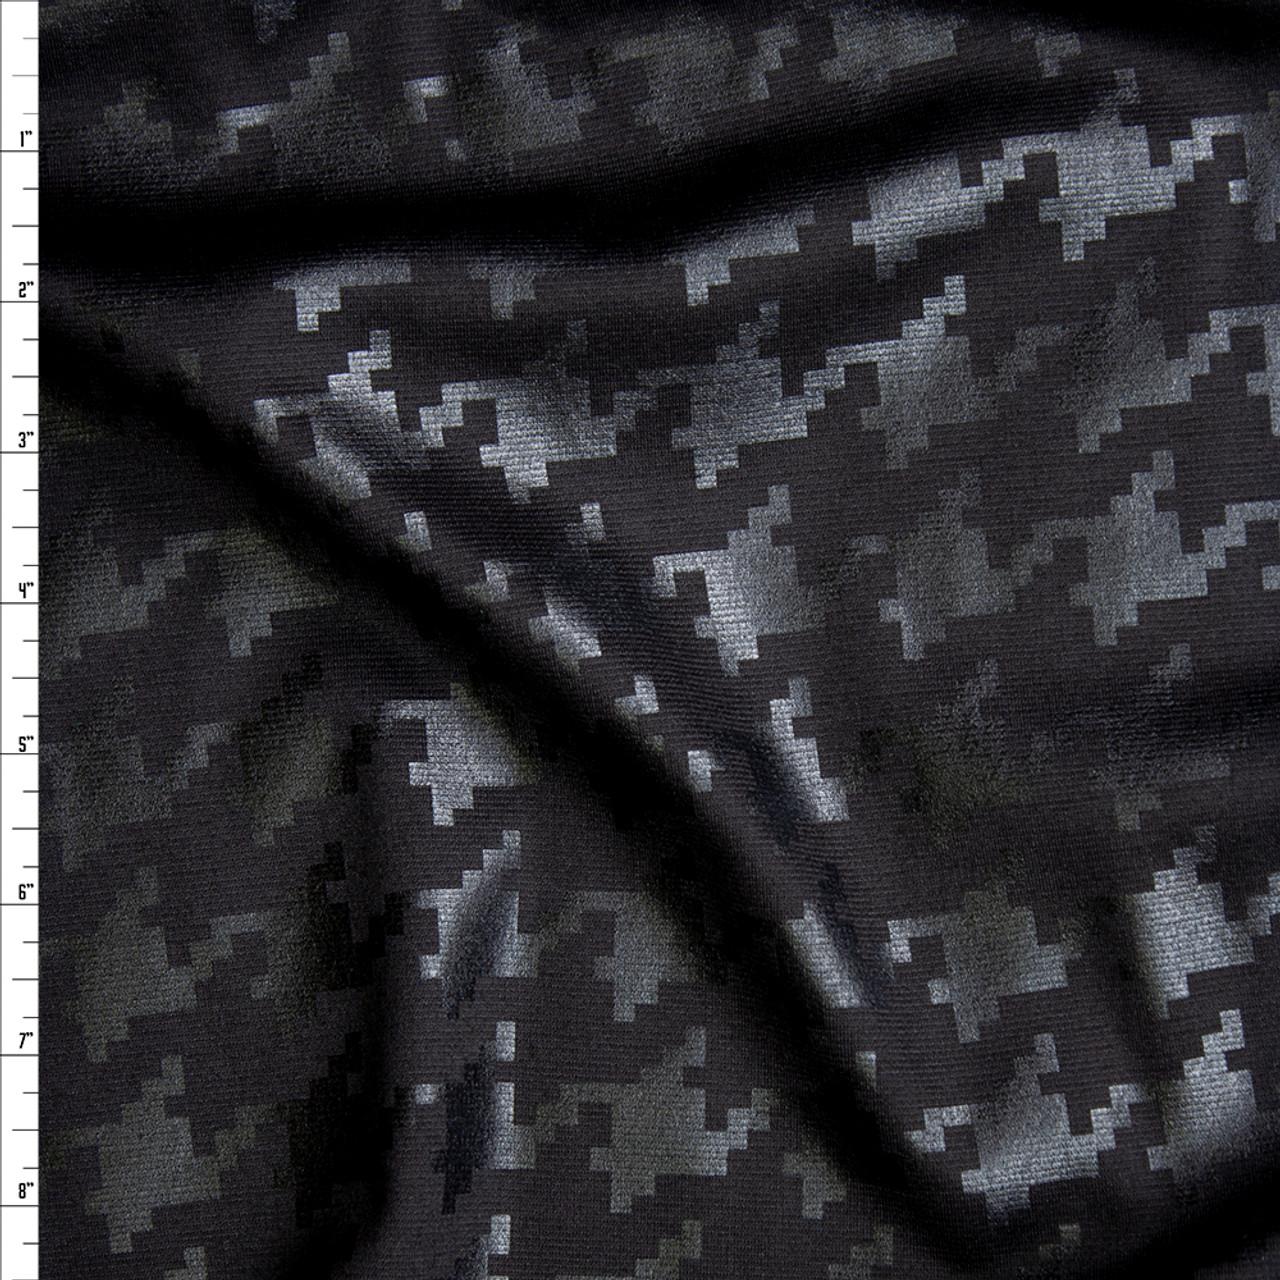 6437a5a616c Cali Fabrics Black Gloss Houndstooth on Black Ponte De Roma Fabric ...